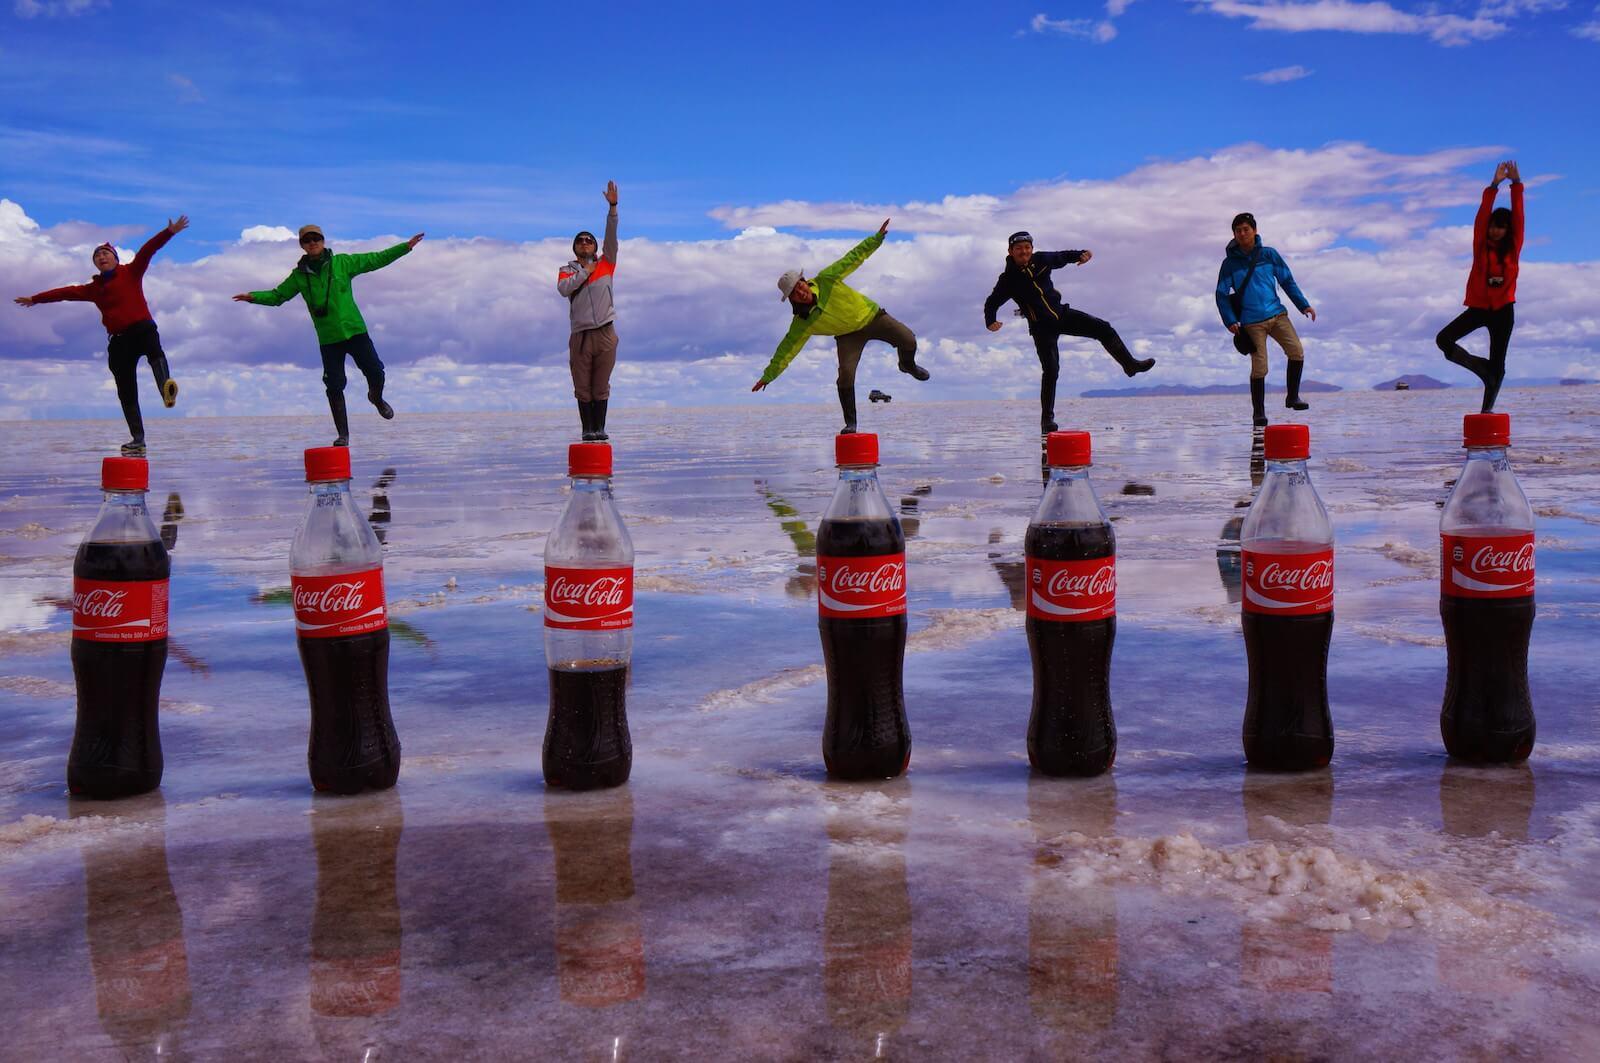 コーラのトリックアート ウユニ塩湖で記念撮影